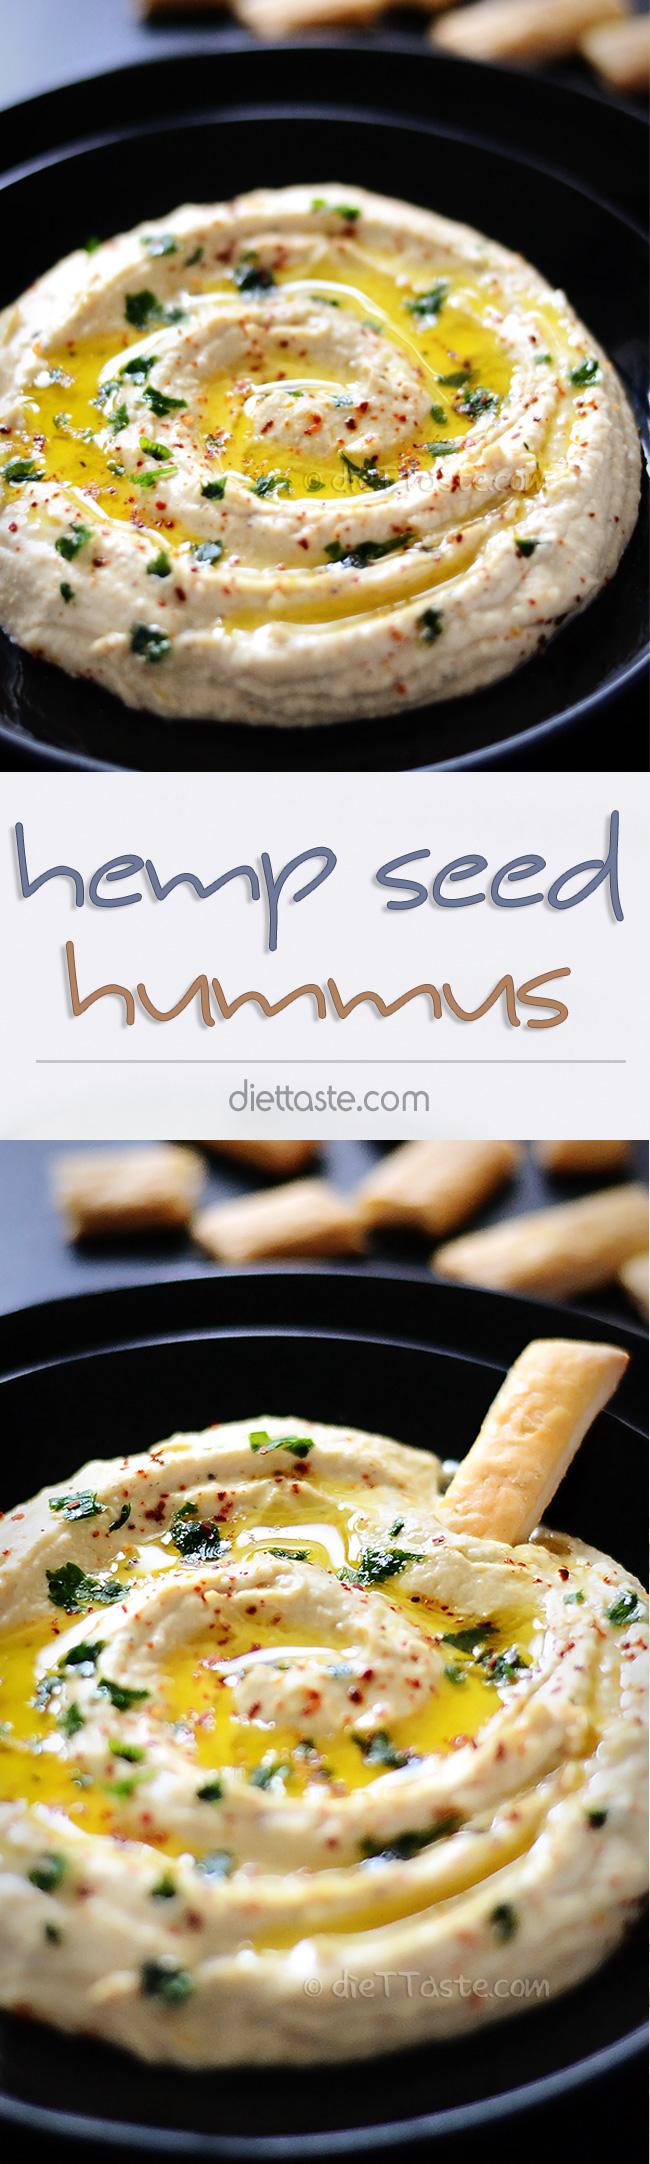 Hemp Seed Hummus - diettaste.com